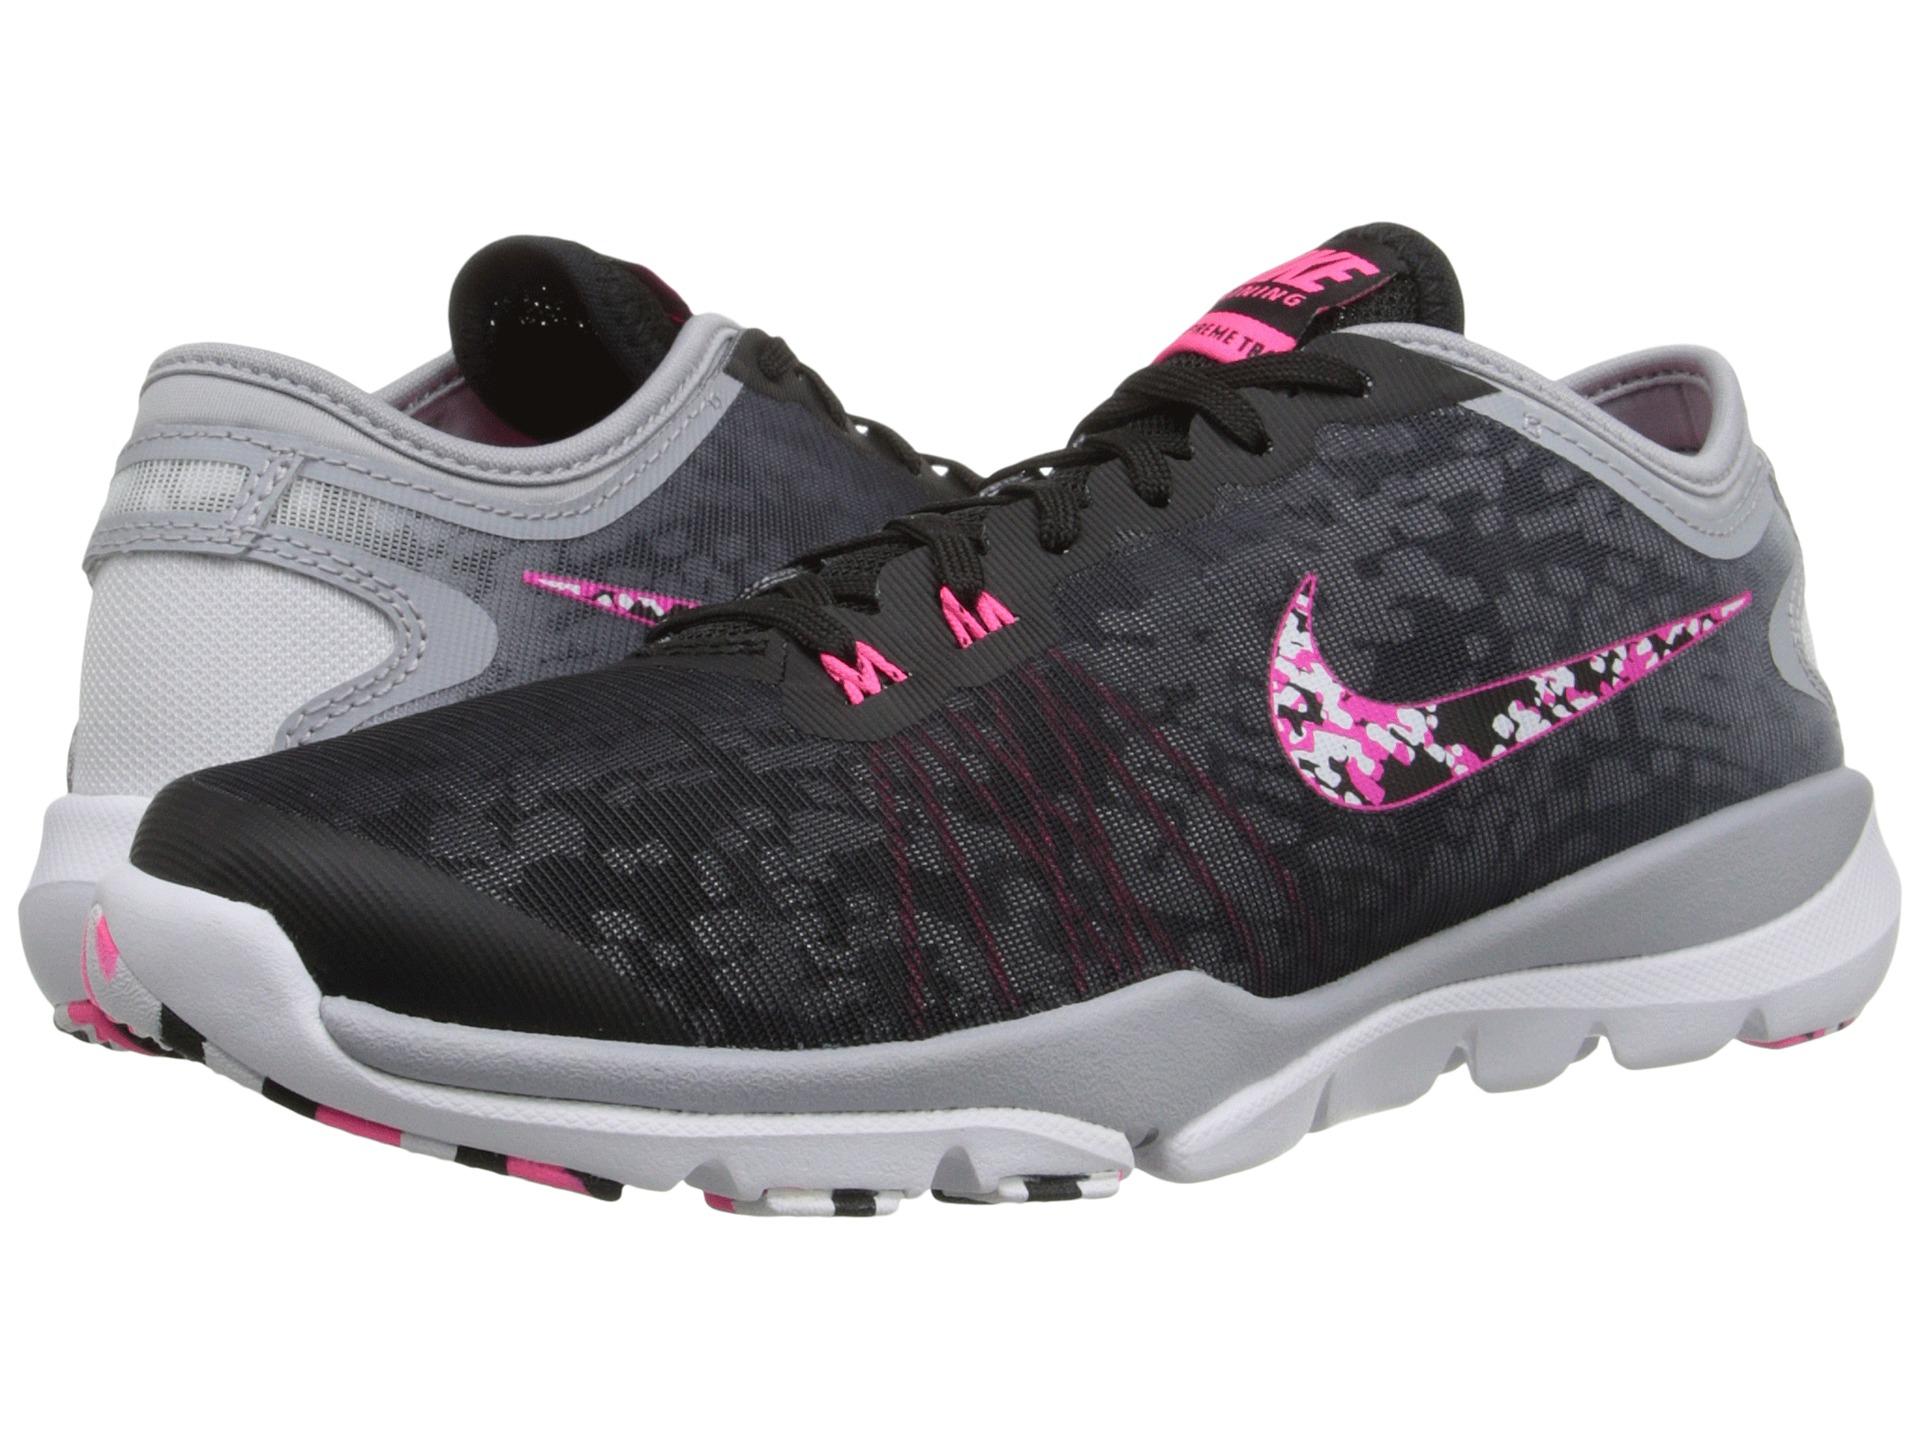 8c5a7bfc700b4 Lyst - Nike Flex Supreme Tr 4 Pr in Black